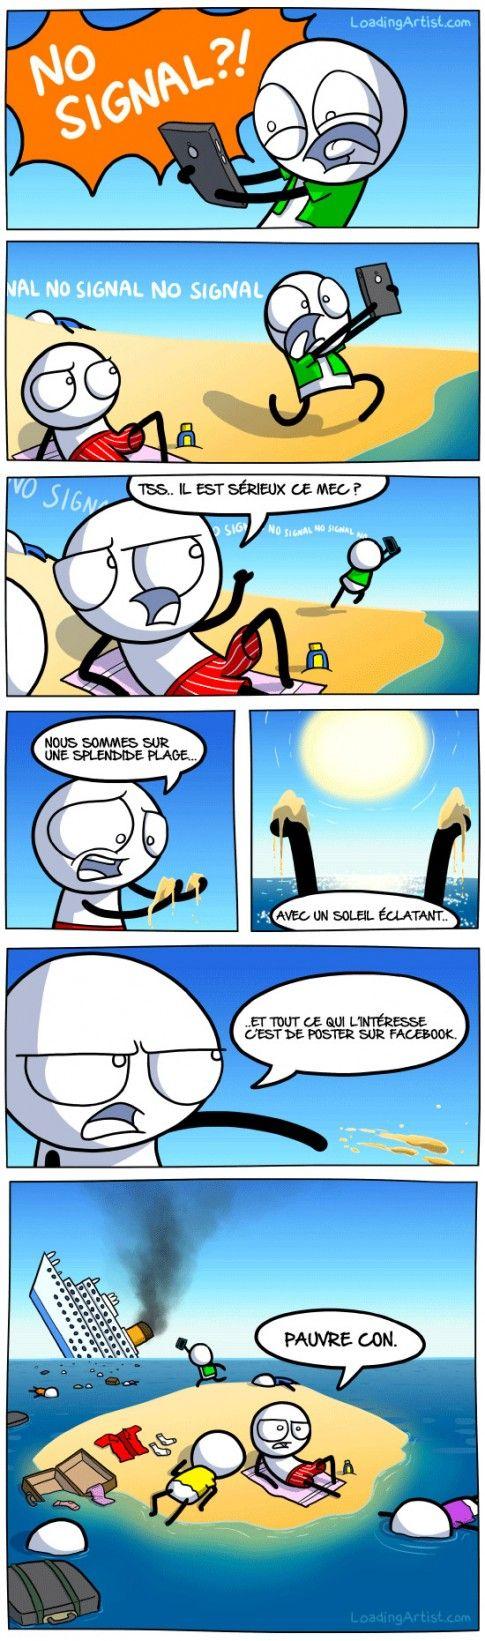 Top 16 des meilleures illustrations de Loading Artist, la crème des webcomics